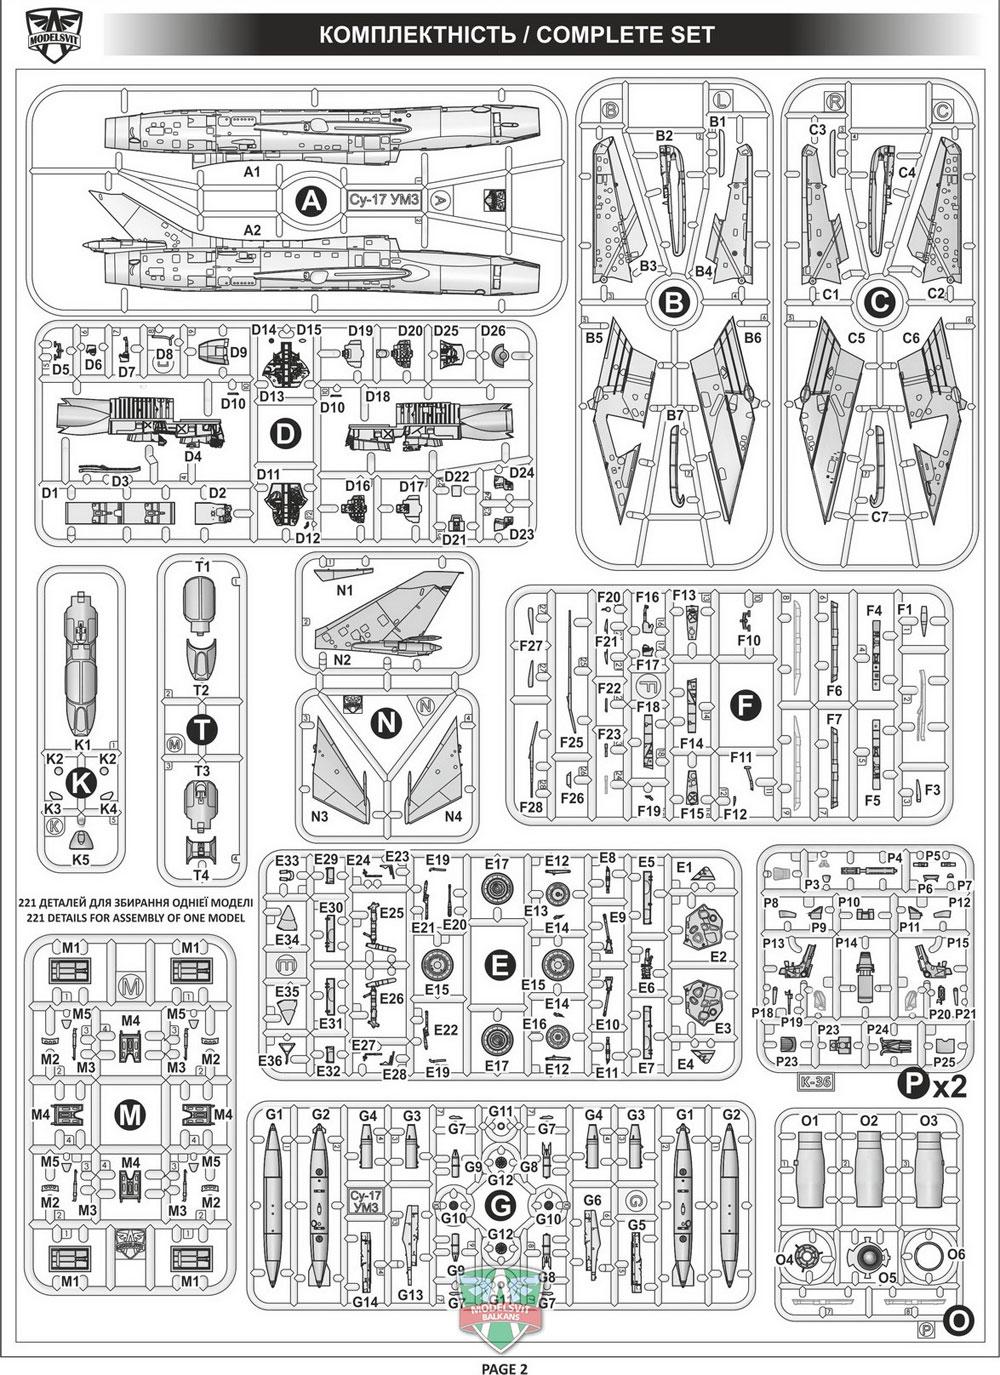 スホーイ Su-17UM3 複座練習機プラモデル(モデルズビット1/72 エアクラフト プラモデルNo.72050)商品画像_2